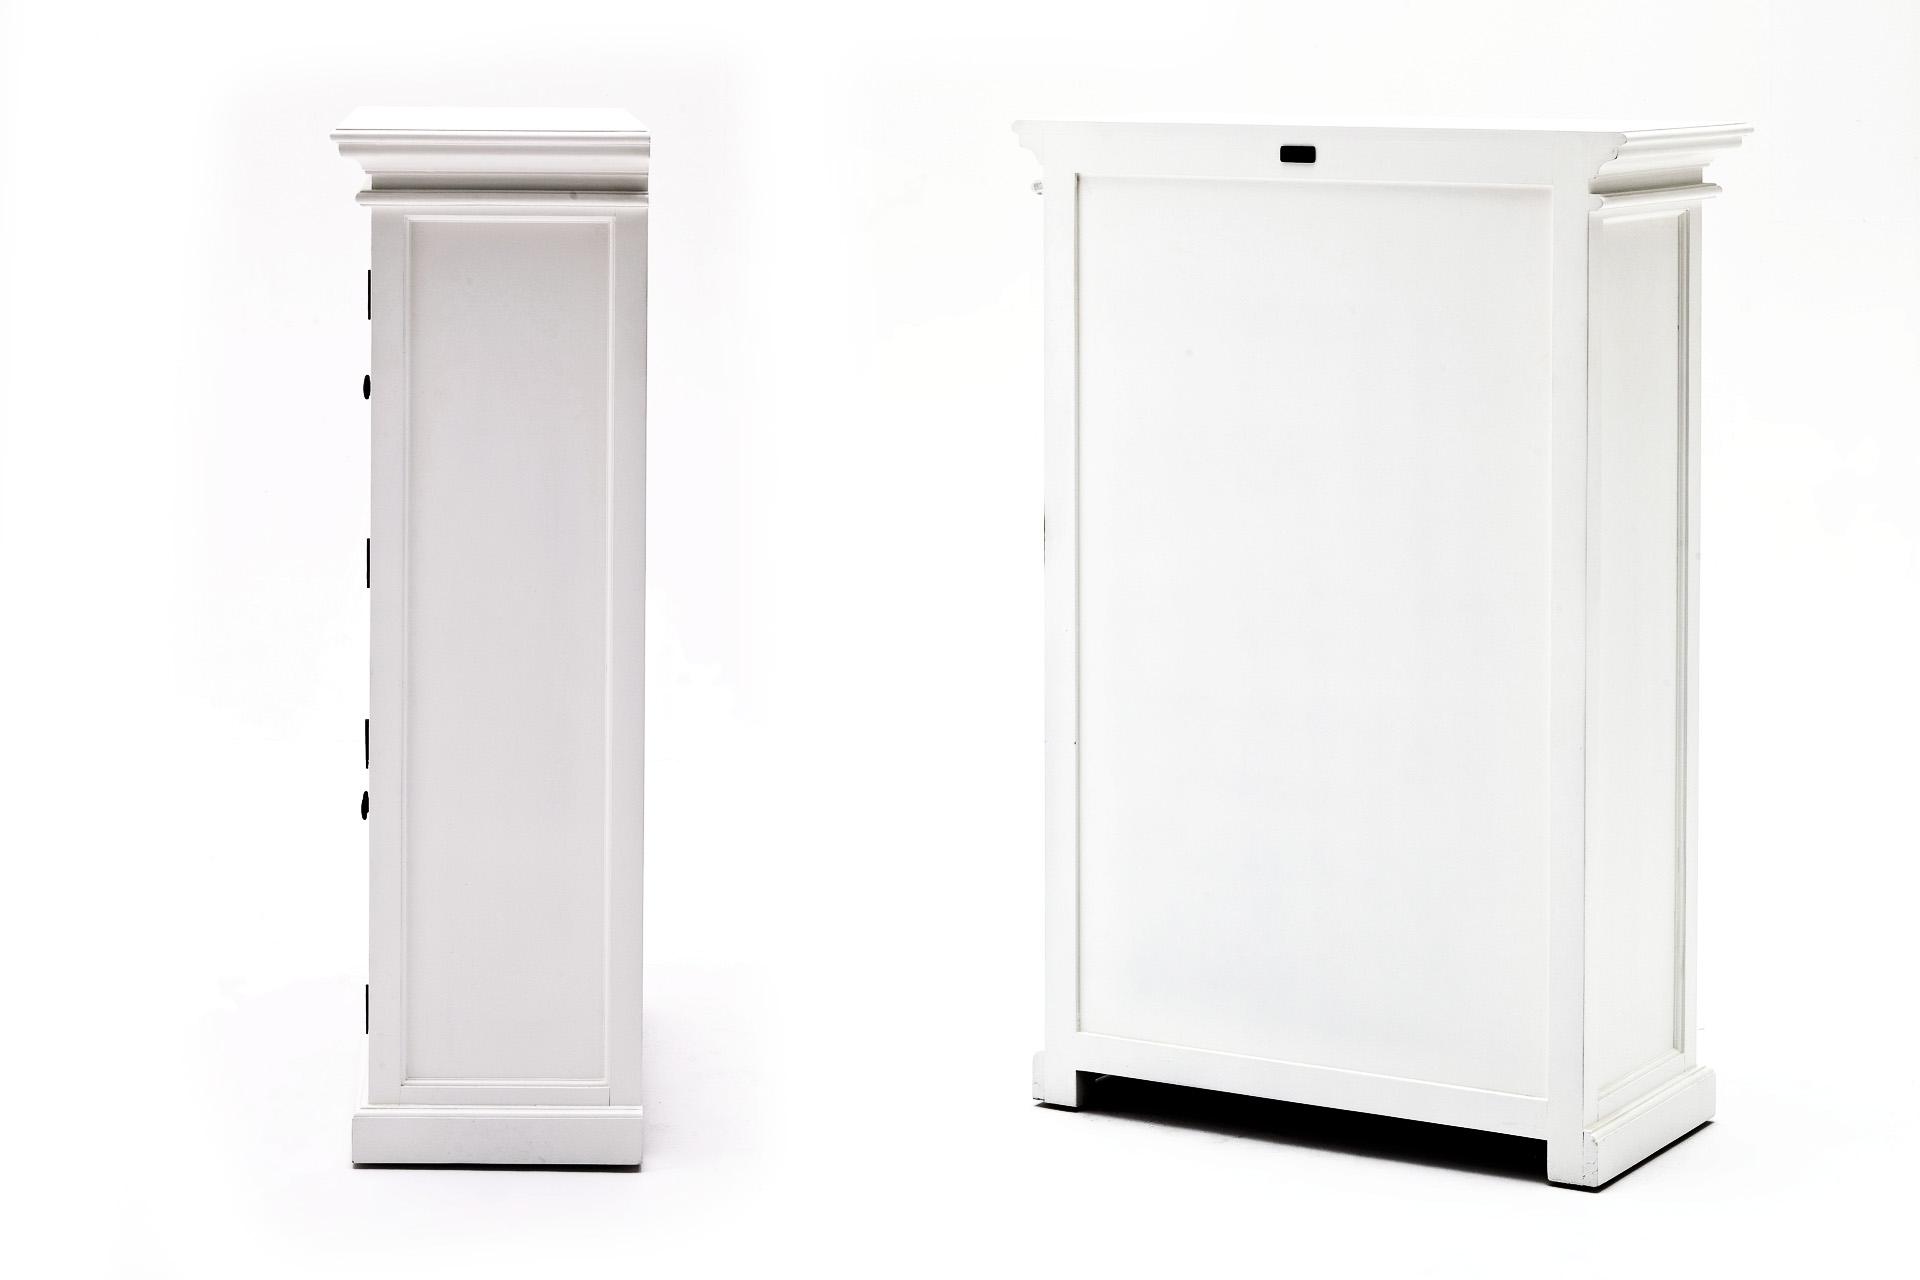 Kast Wit Hout : Tv kast wit met hout tv meubel licht eiken awesome mooi tv meubel